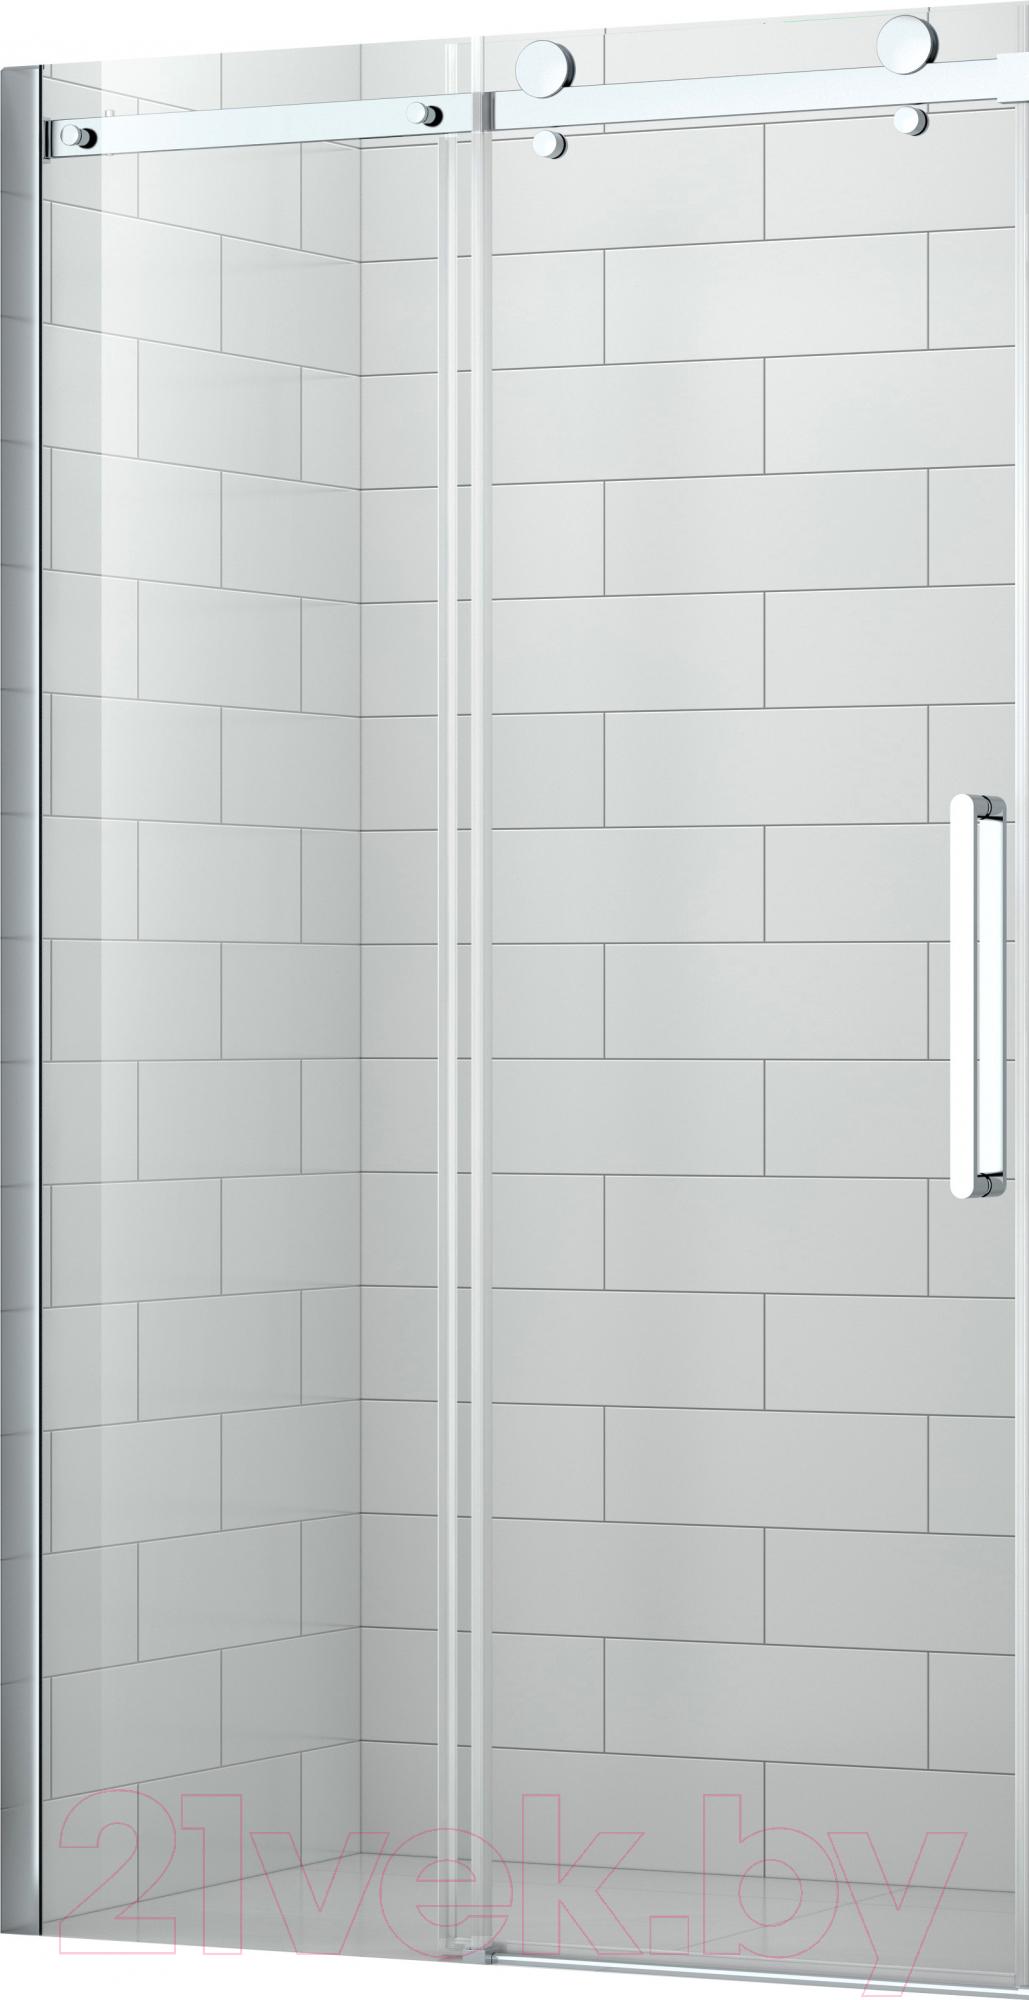 Купить Душевая дверь Roltechnik, SaniPro OBZD2/120 (хром/прозрачное стекло), Чехия